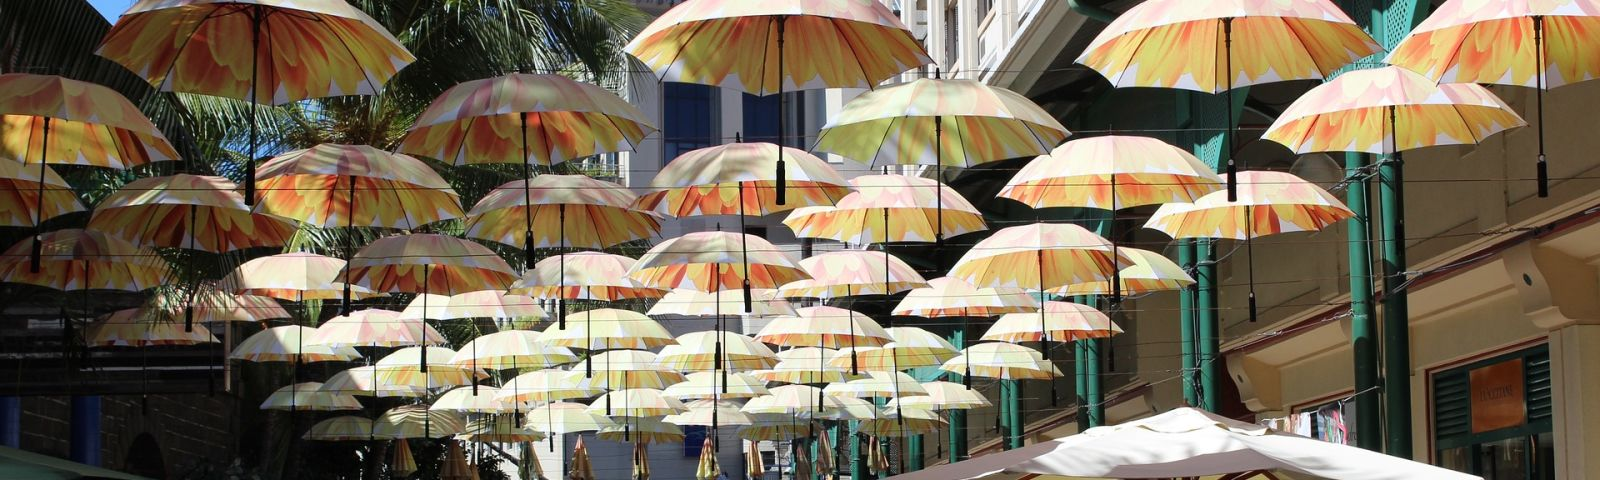 Sicherheit auf Mauritius: Sicher reisen dank Ihrem Schutzschirm - unserer Rundum-betreuung